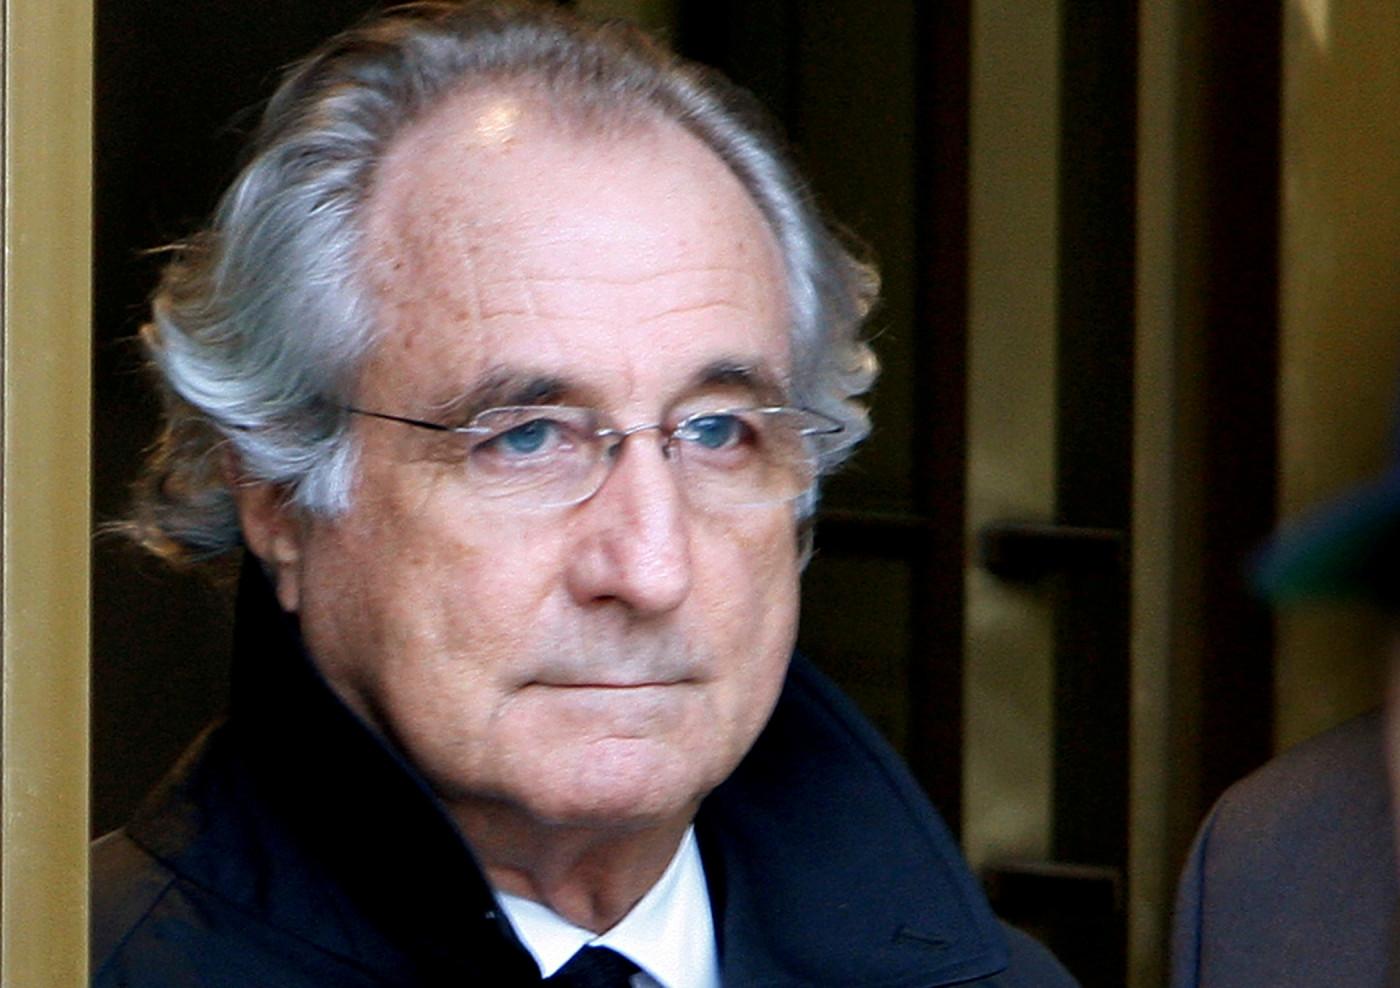 Madoff morreu aos 82 anos enquanto cumpria pena em uma prisão federal nos Estados Unidos